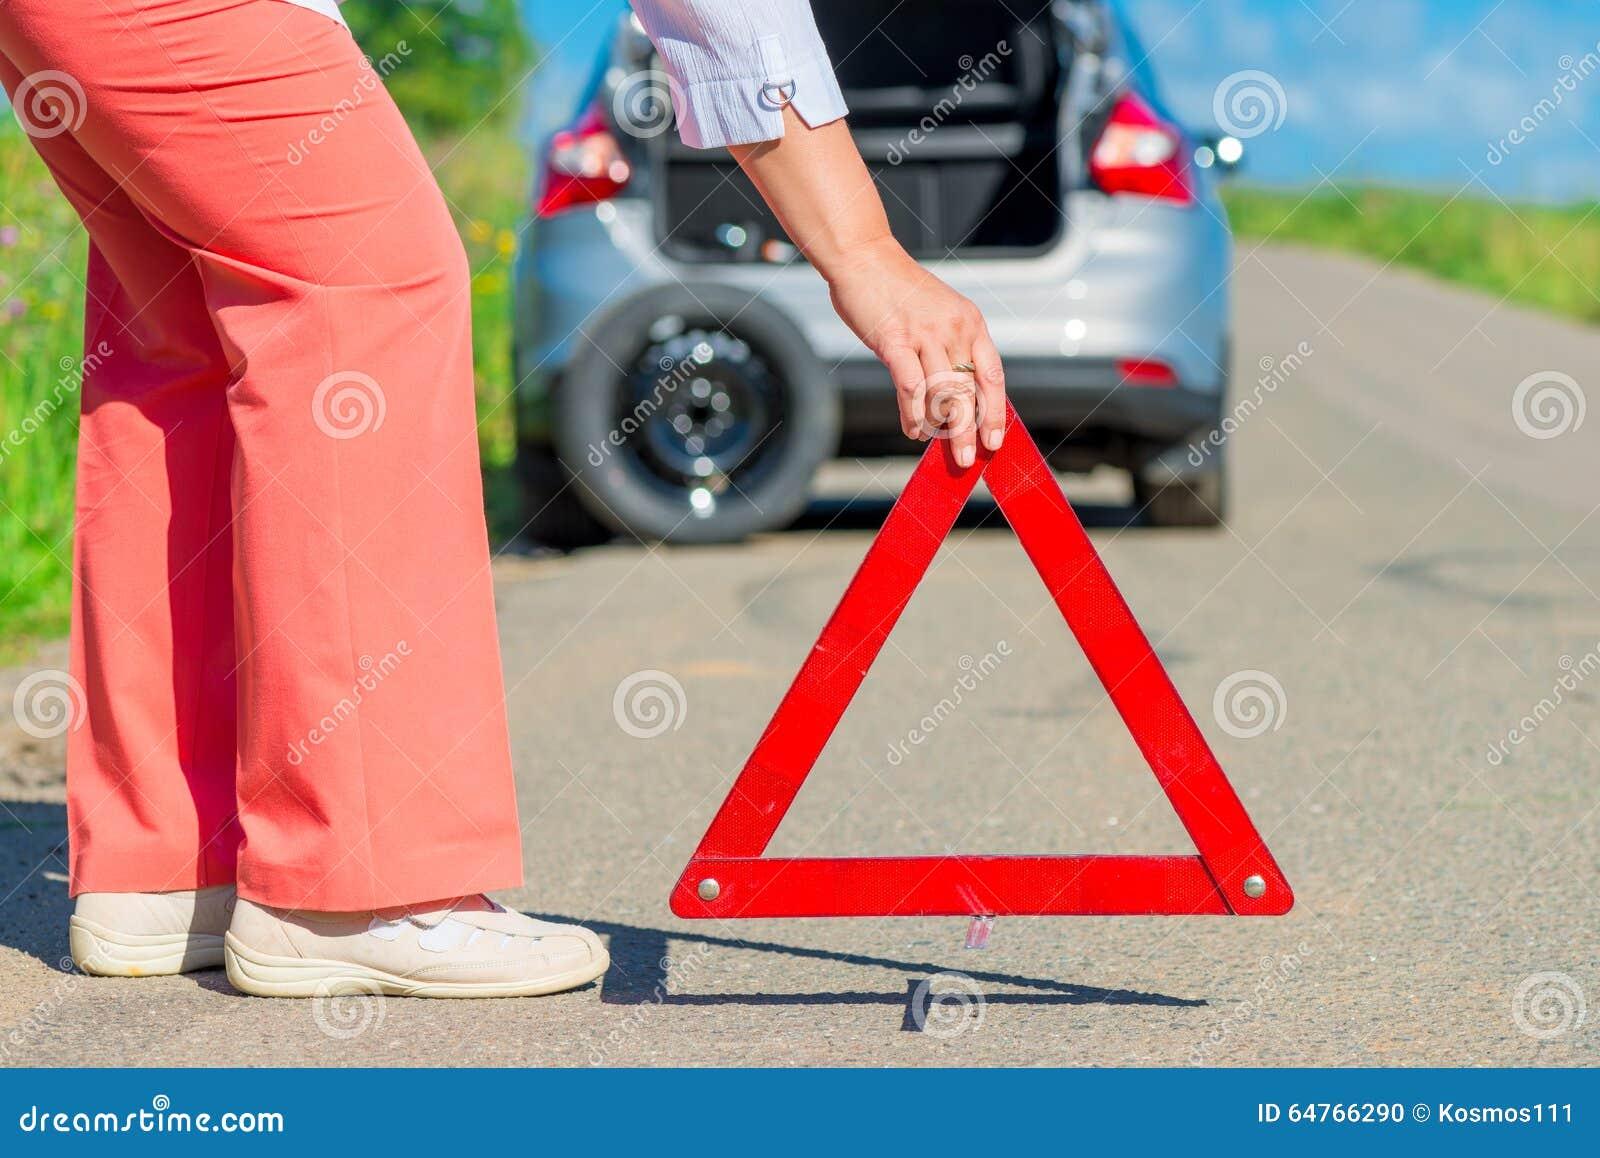 Εγκαταστήστε ένα σημάδι στάσεων έκτακτης ανάγκης στο πεζοδρόμιο